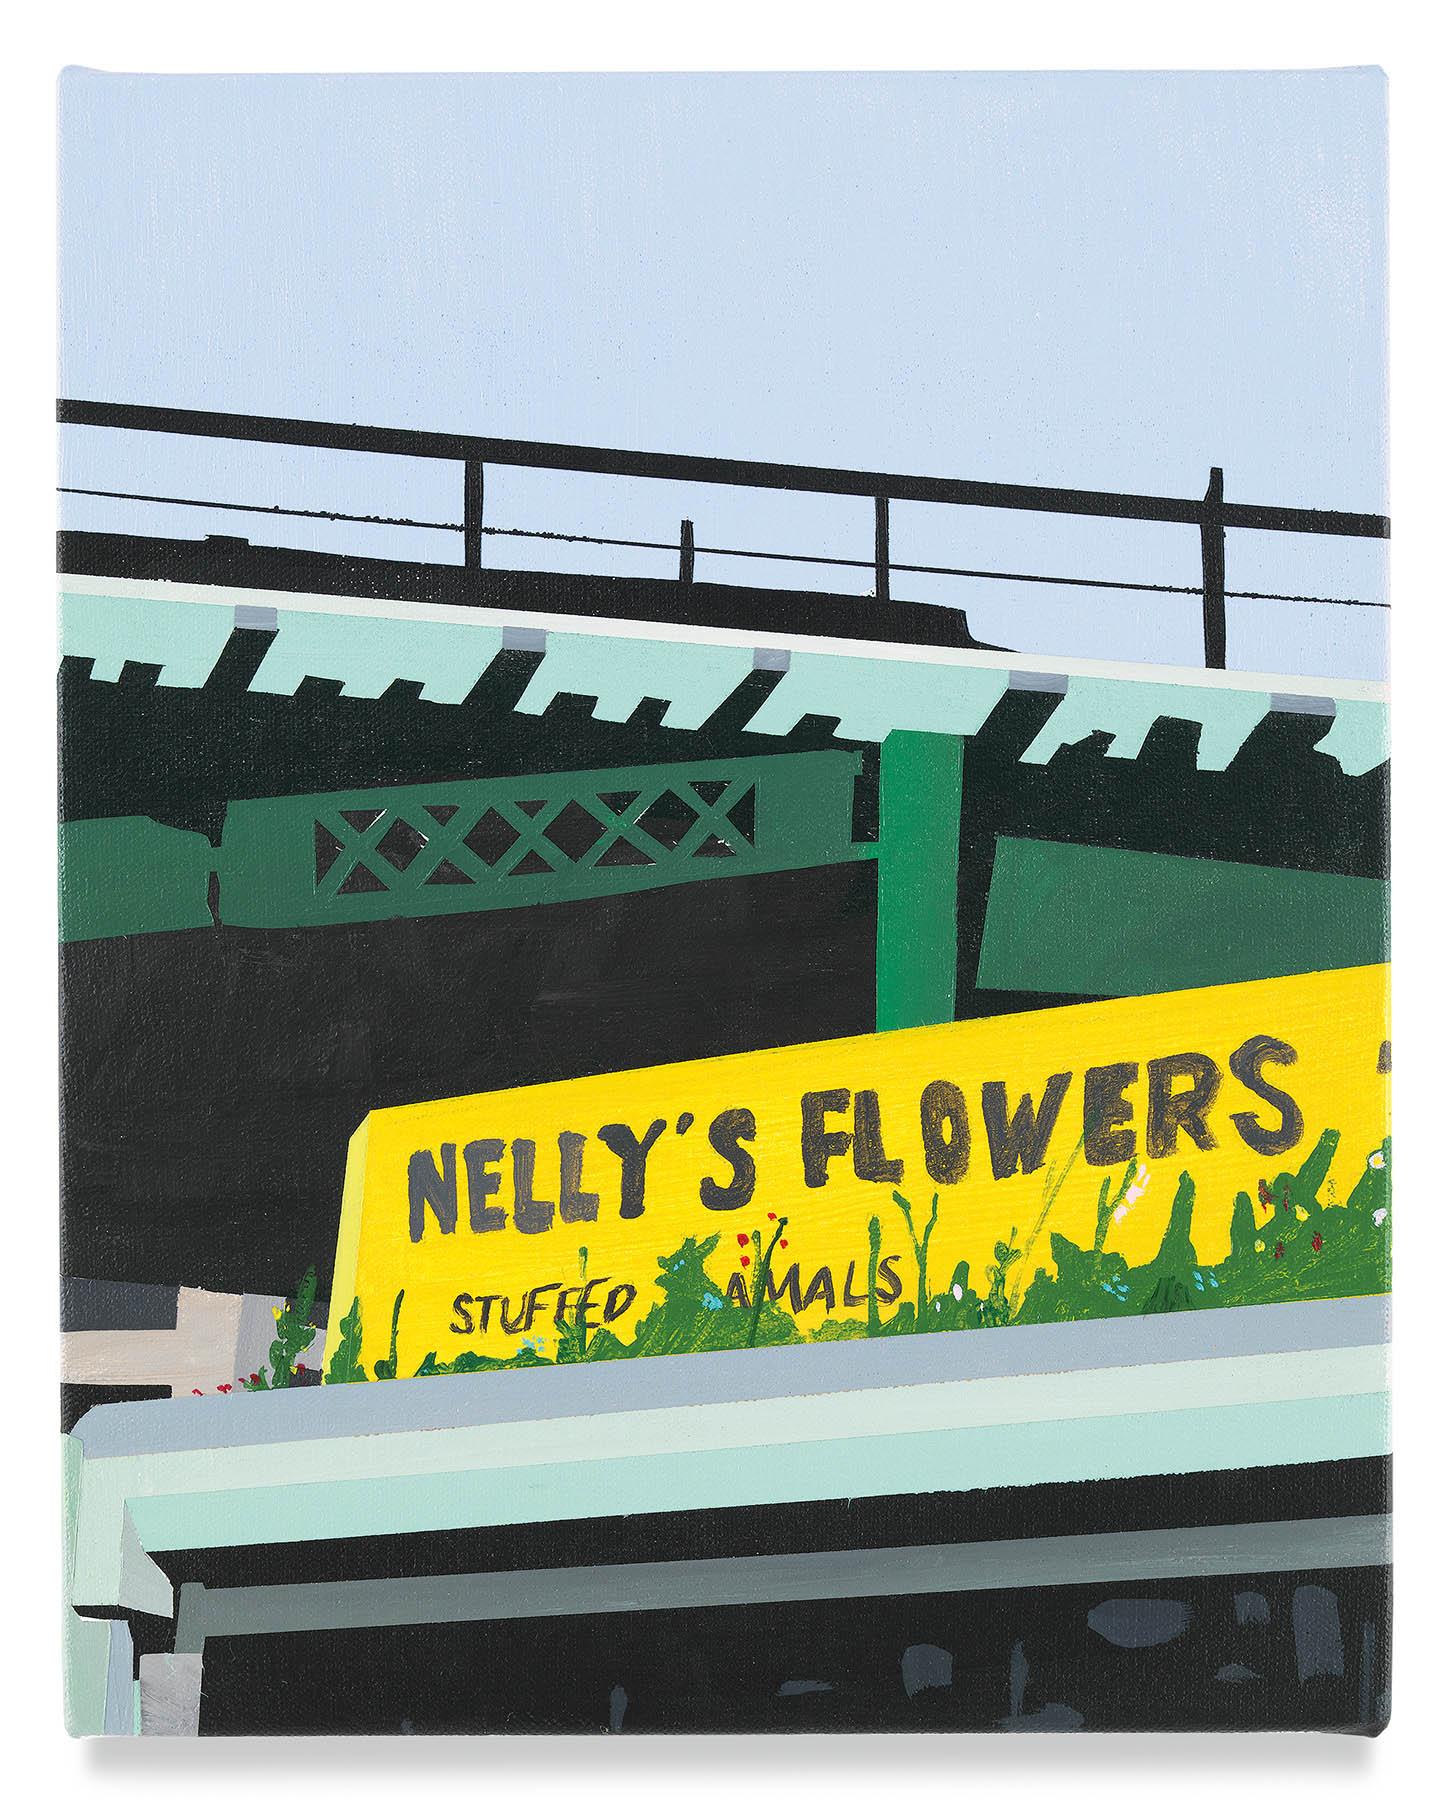 BA Nelly's Flowers.31269.jpg